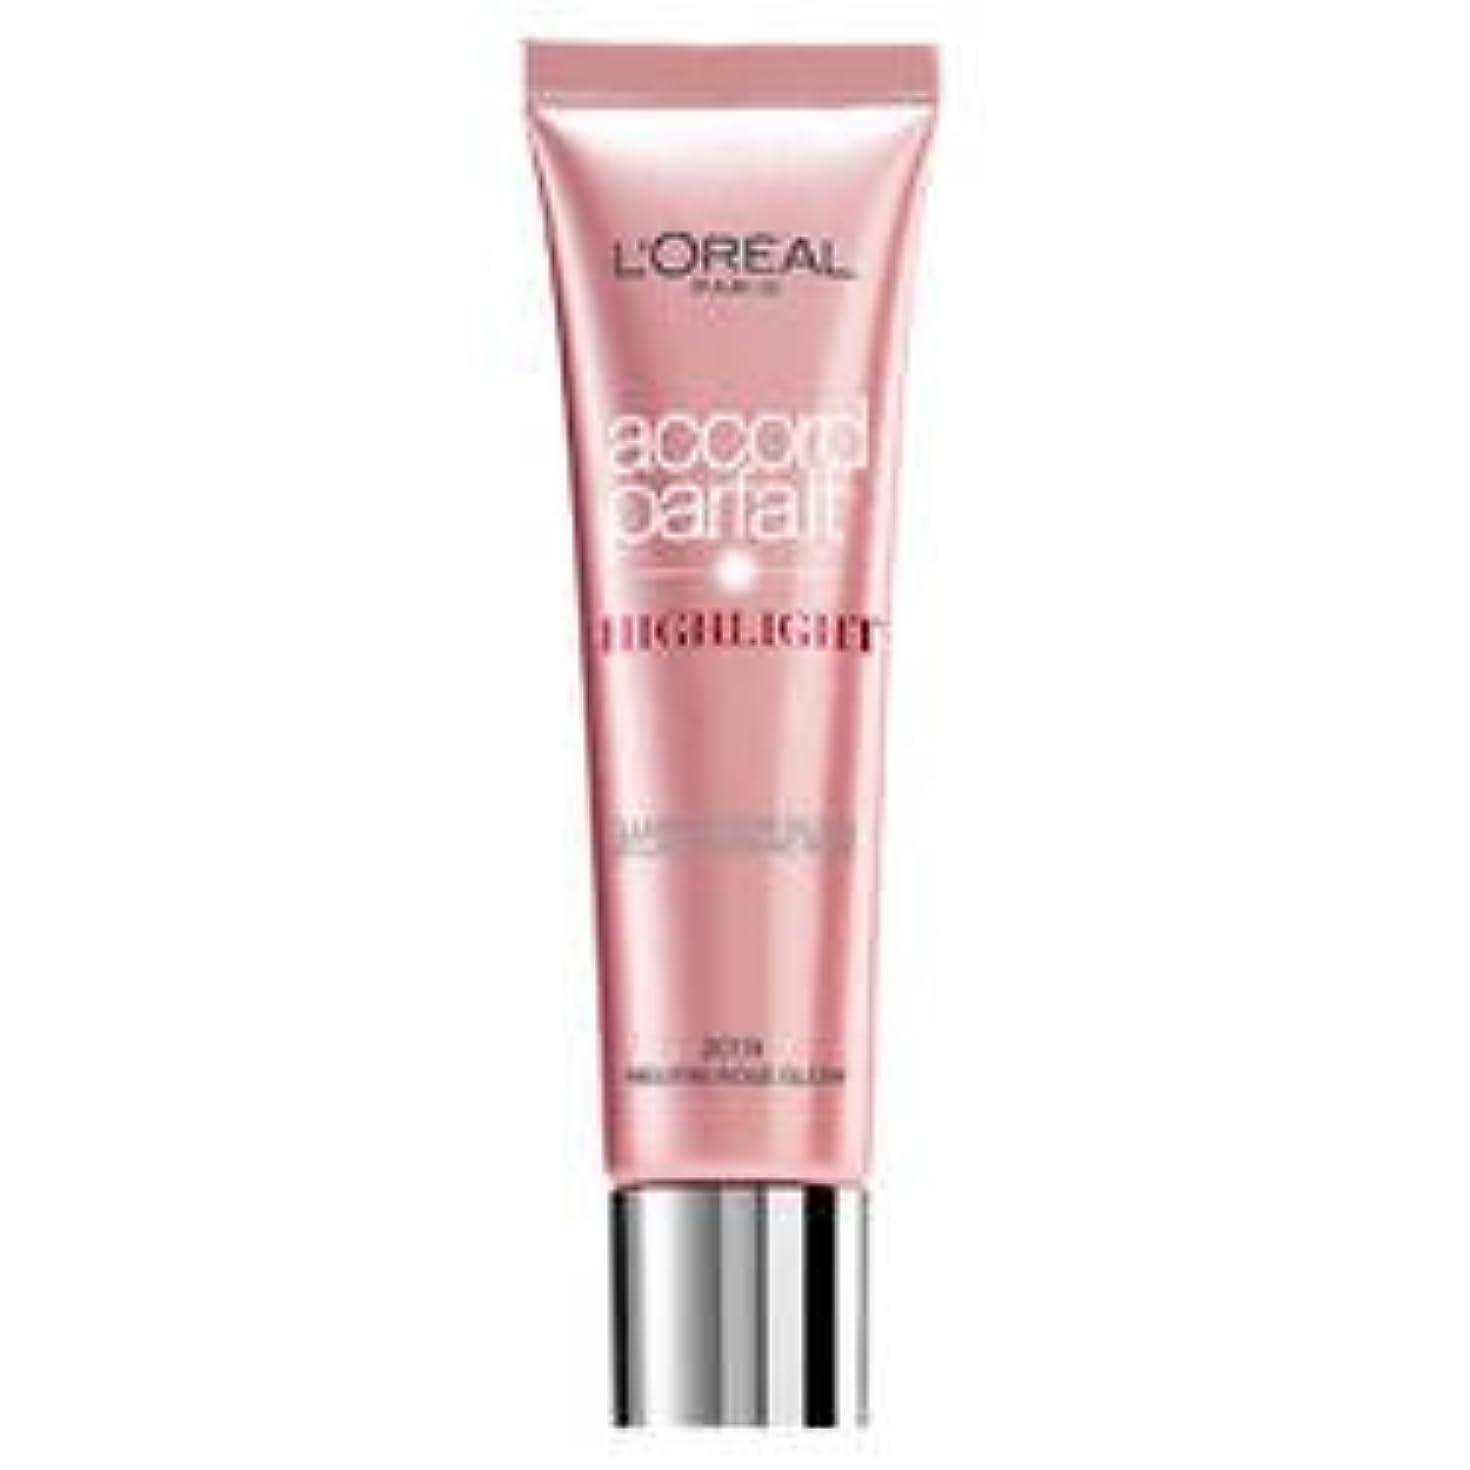 値する農場港L 'Oréal Paris - ACCORD PARFAIT Highlight Enlumineur Liquide - 201 Rose